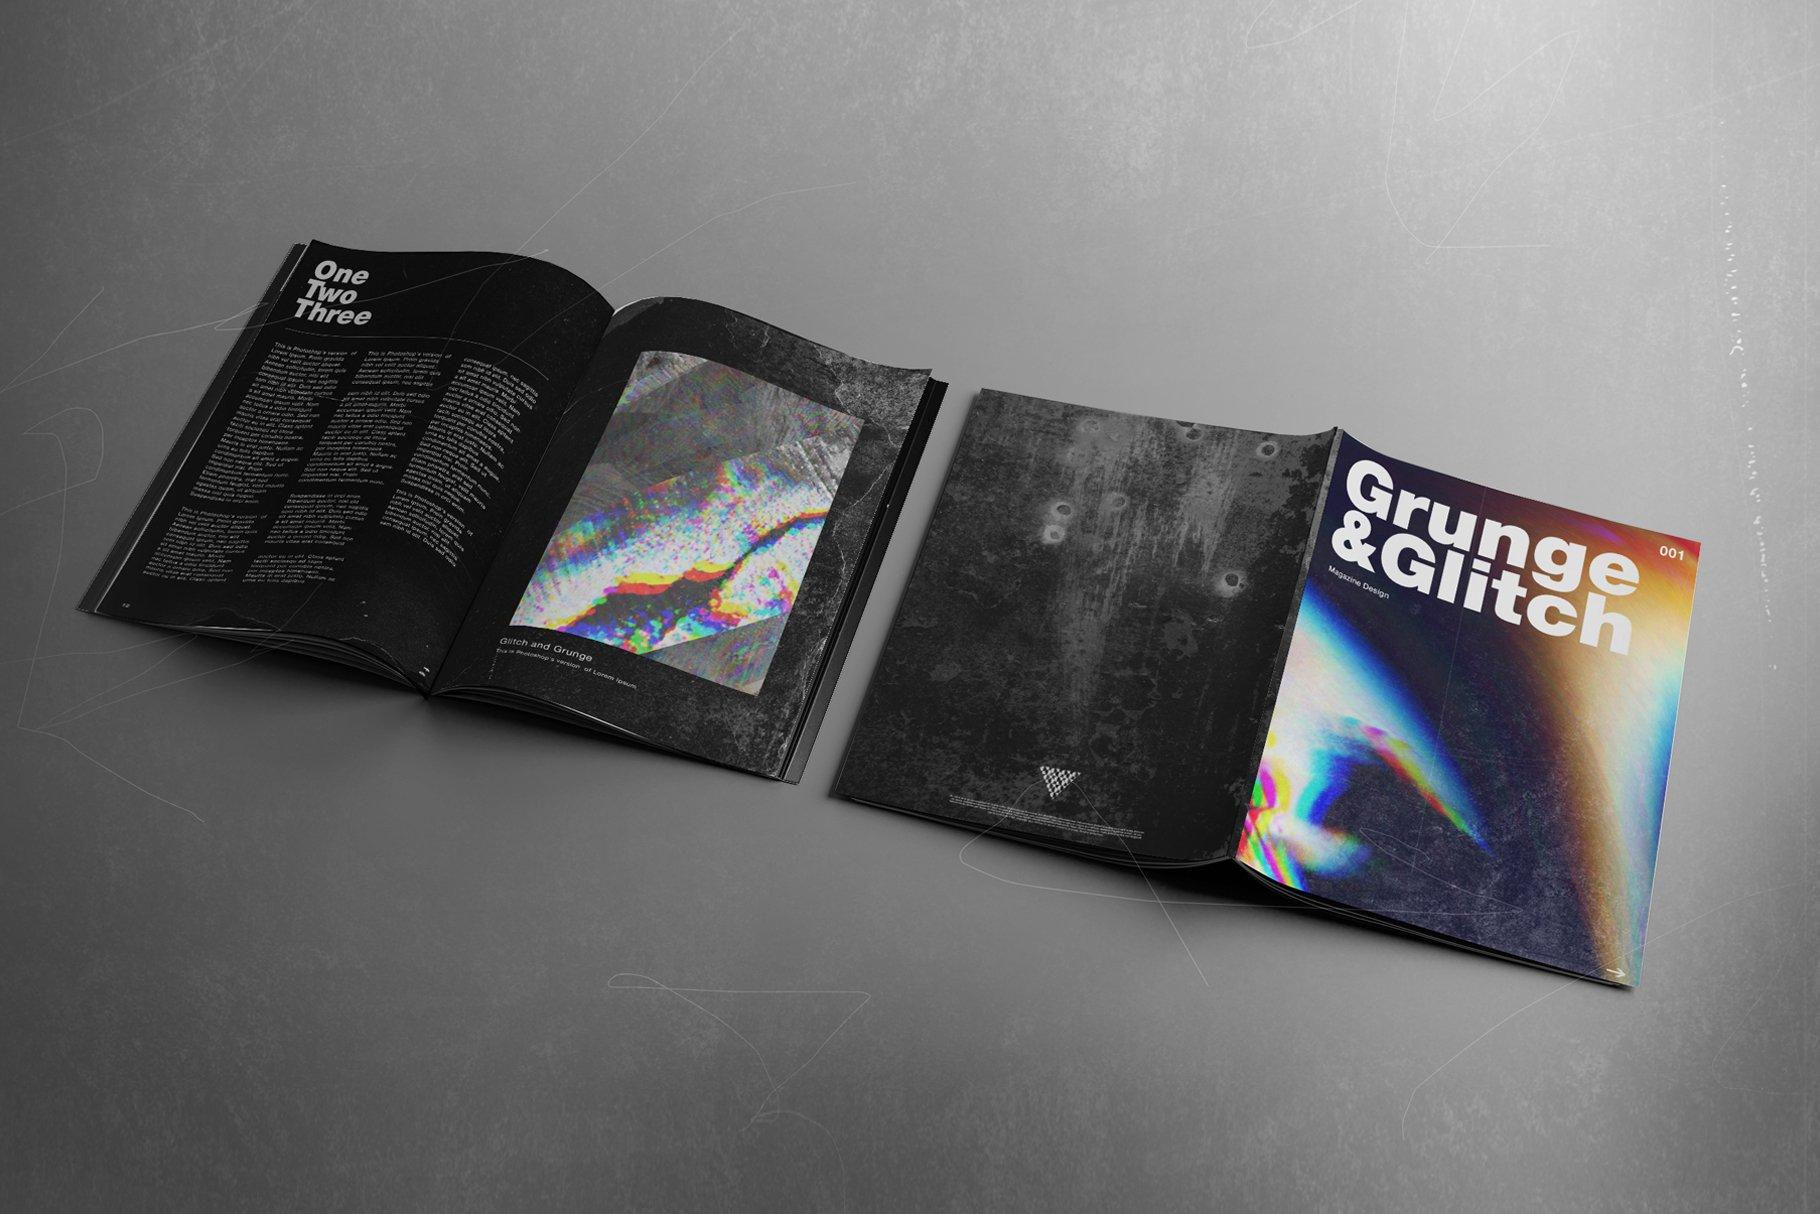 [淘宝购买] 潮流抽象故障扭曲网格塑料薄膜海报设计背景纹理素材 Grunge&Glitch – Toolkit 7in1插图(9)